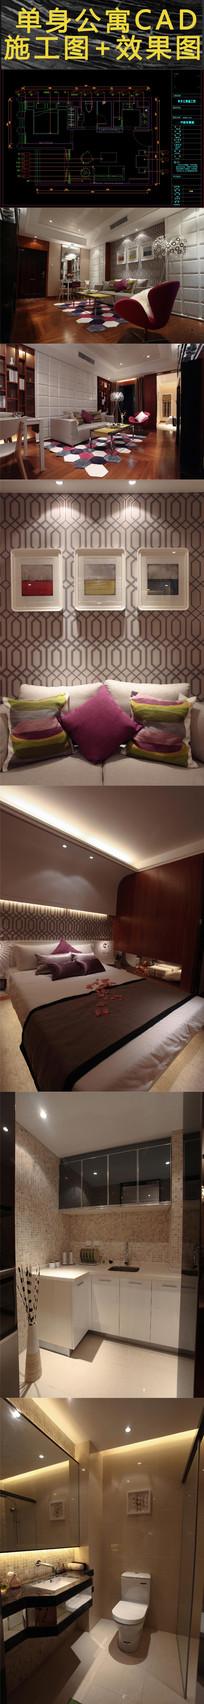 单身公寓CAD平面施工图+效果图